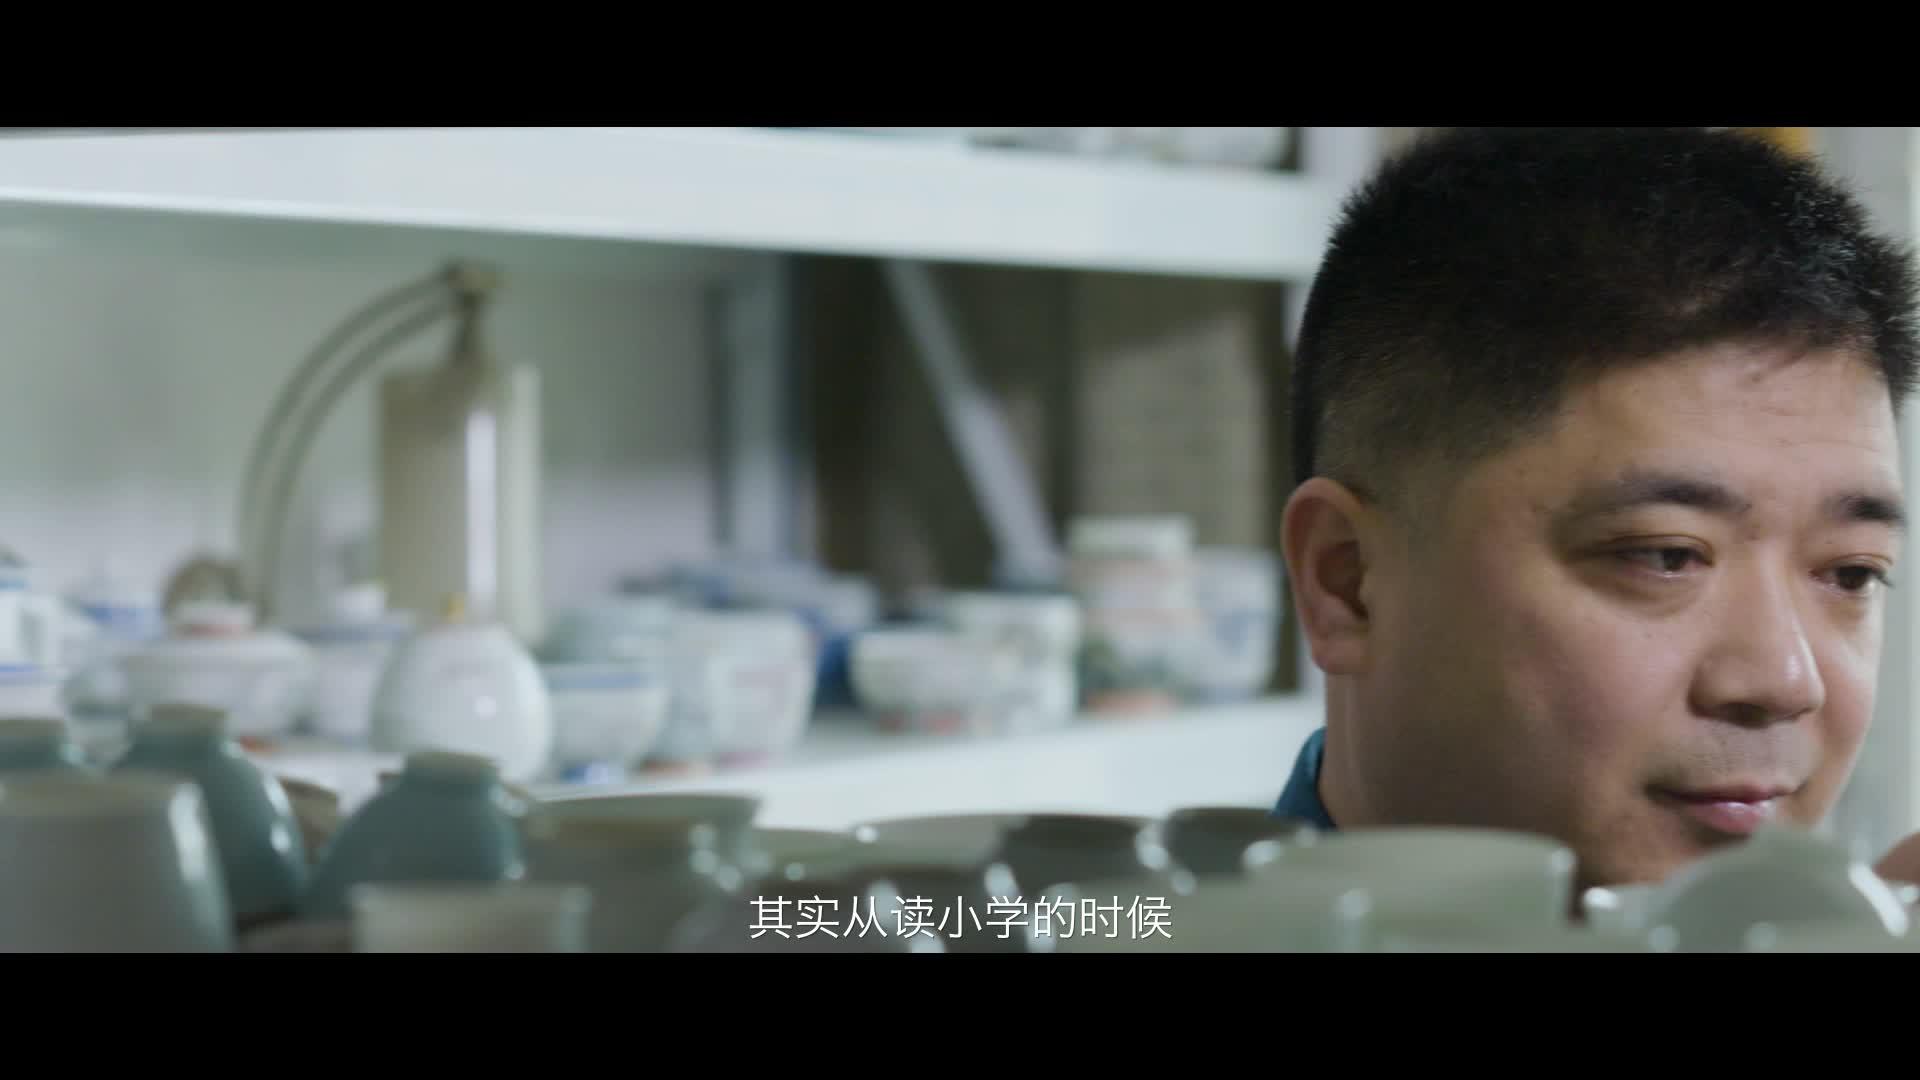 4k《守艺中国之景德镇篇》雪景瓷板画匠人袁智勇:釉彩工艺和绘画艺术的完美结合